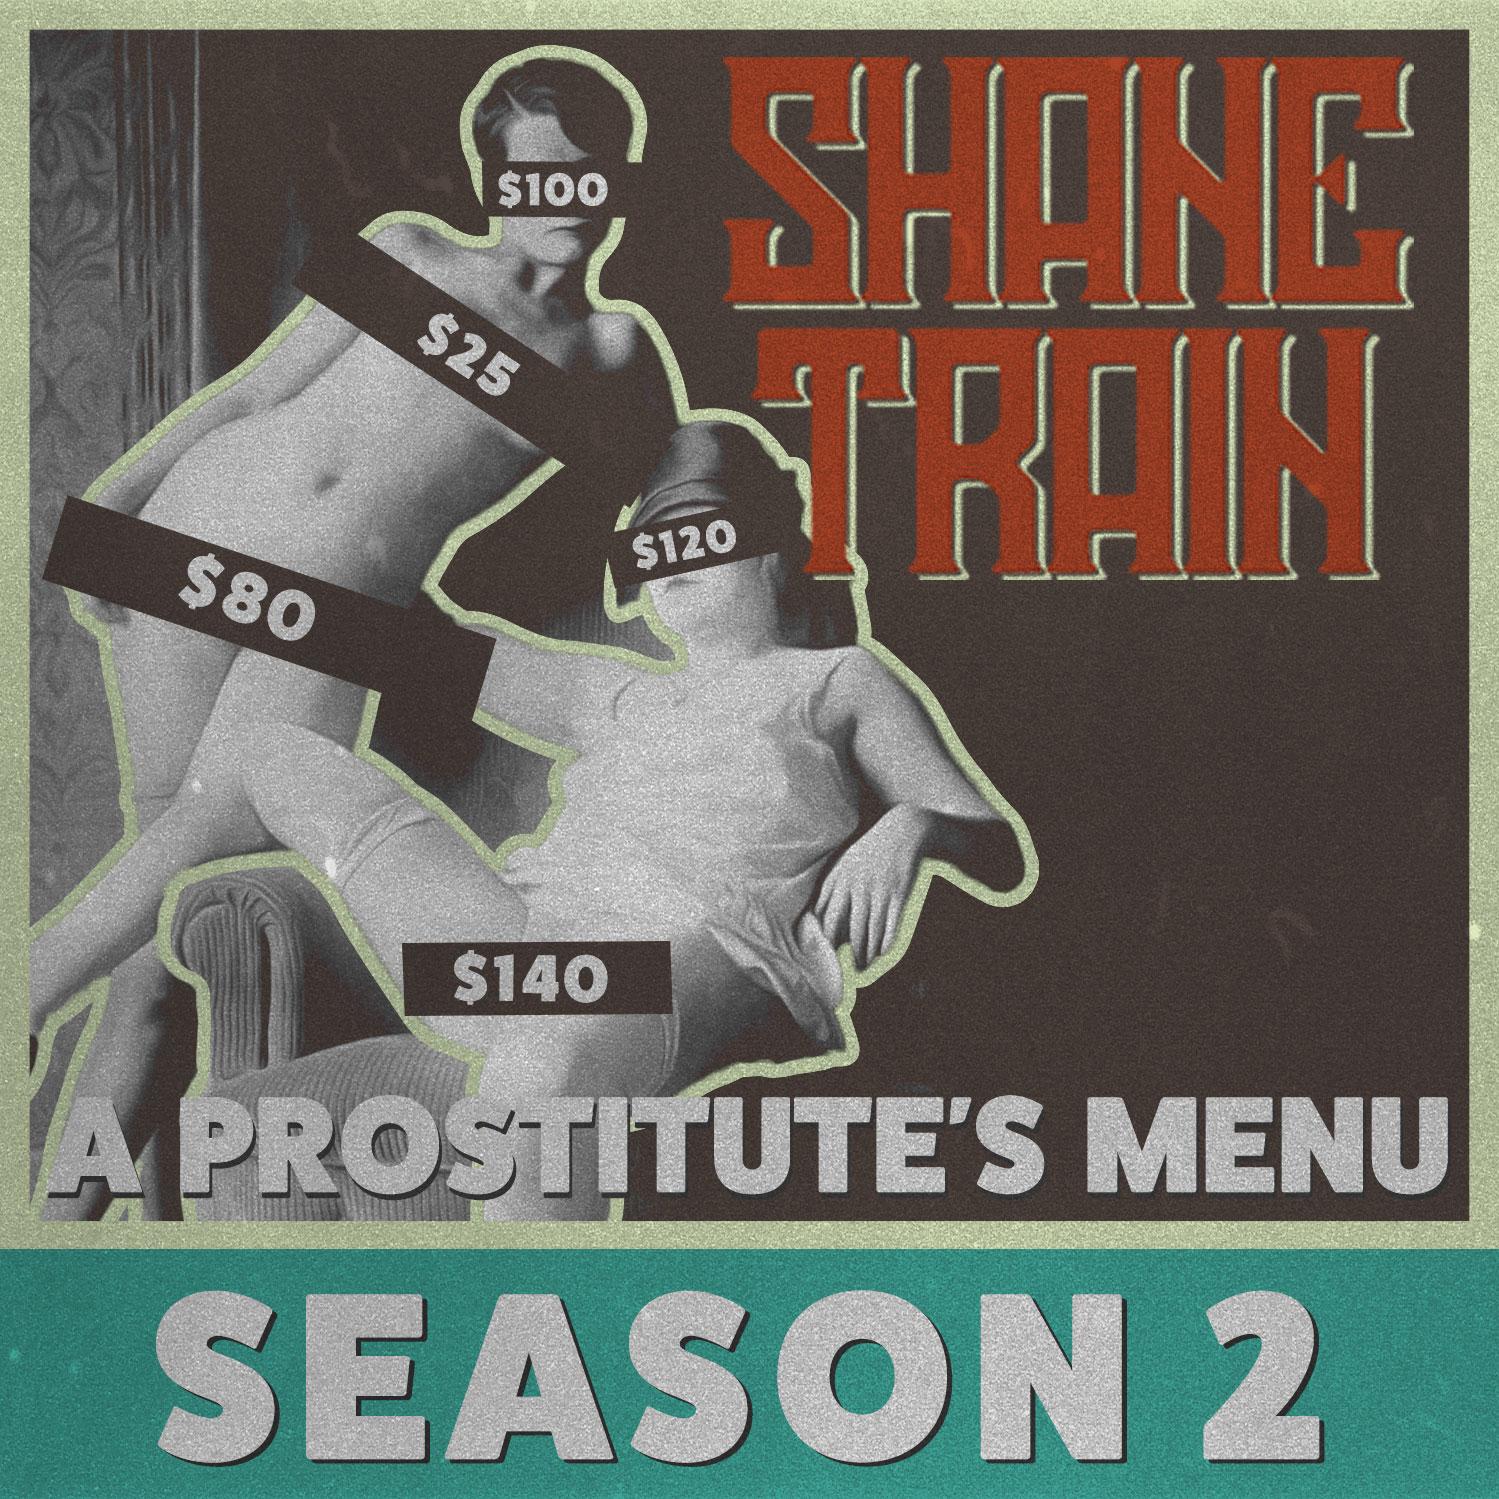 Artwork for A Prostitute's Menu - Season 2